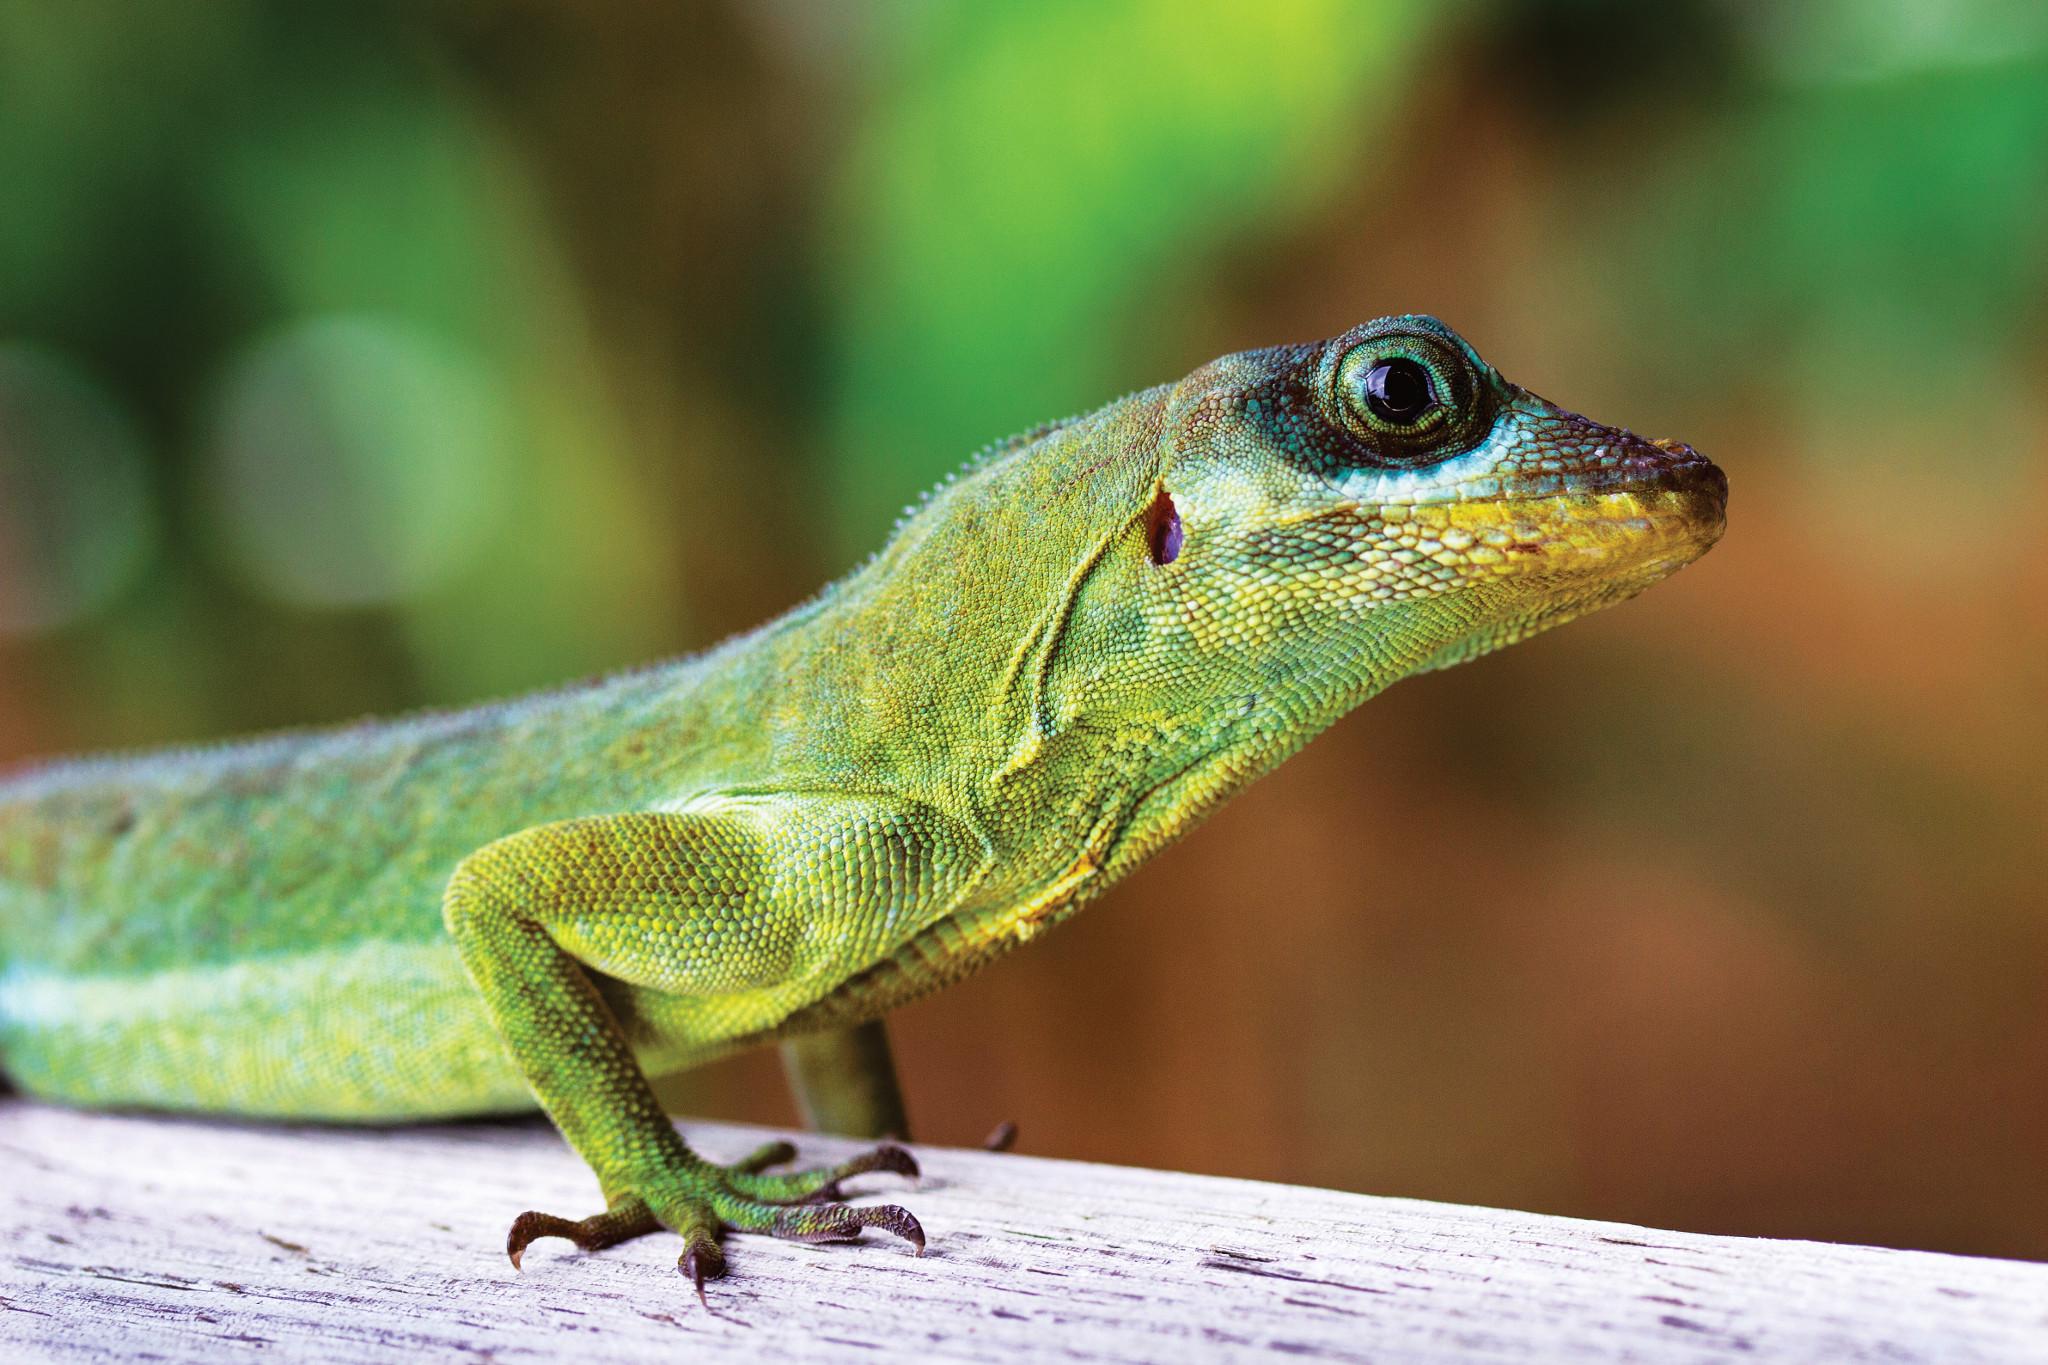 Naturliv runt panama, grön ödla